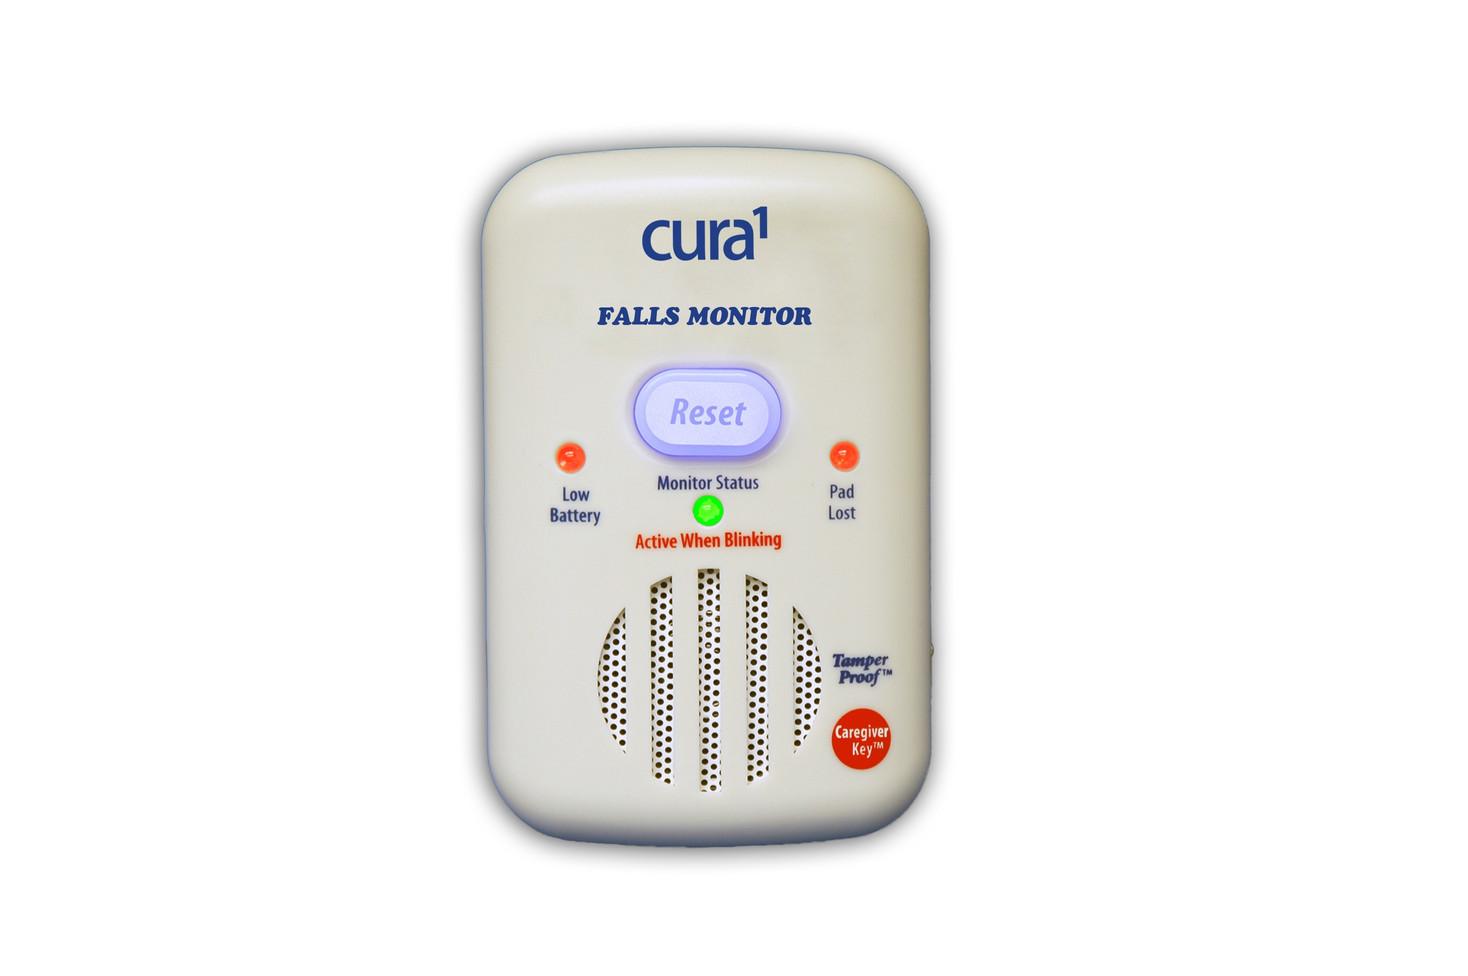 Standard Falls Monitor